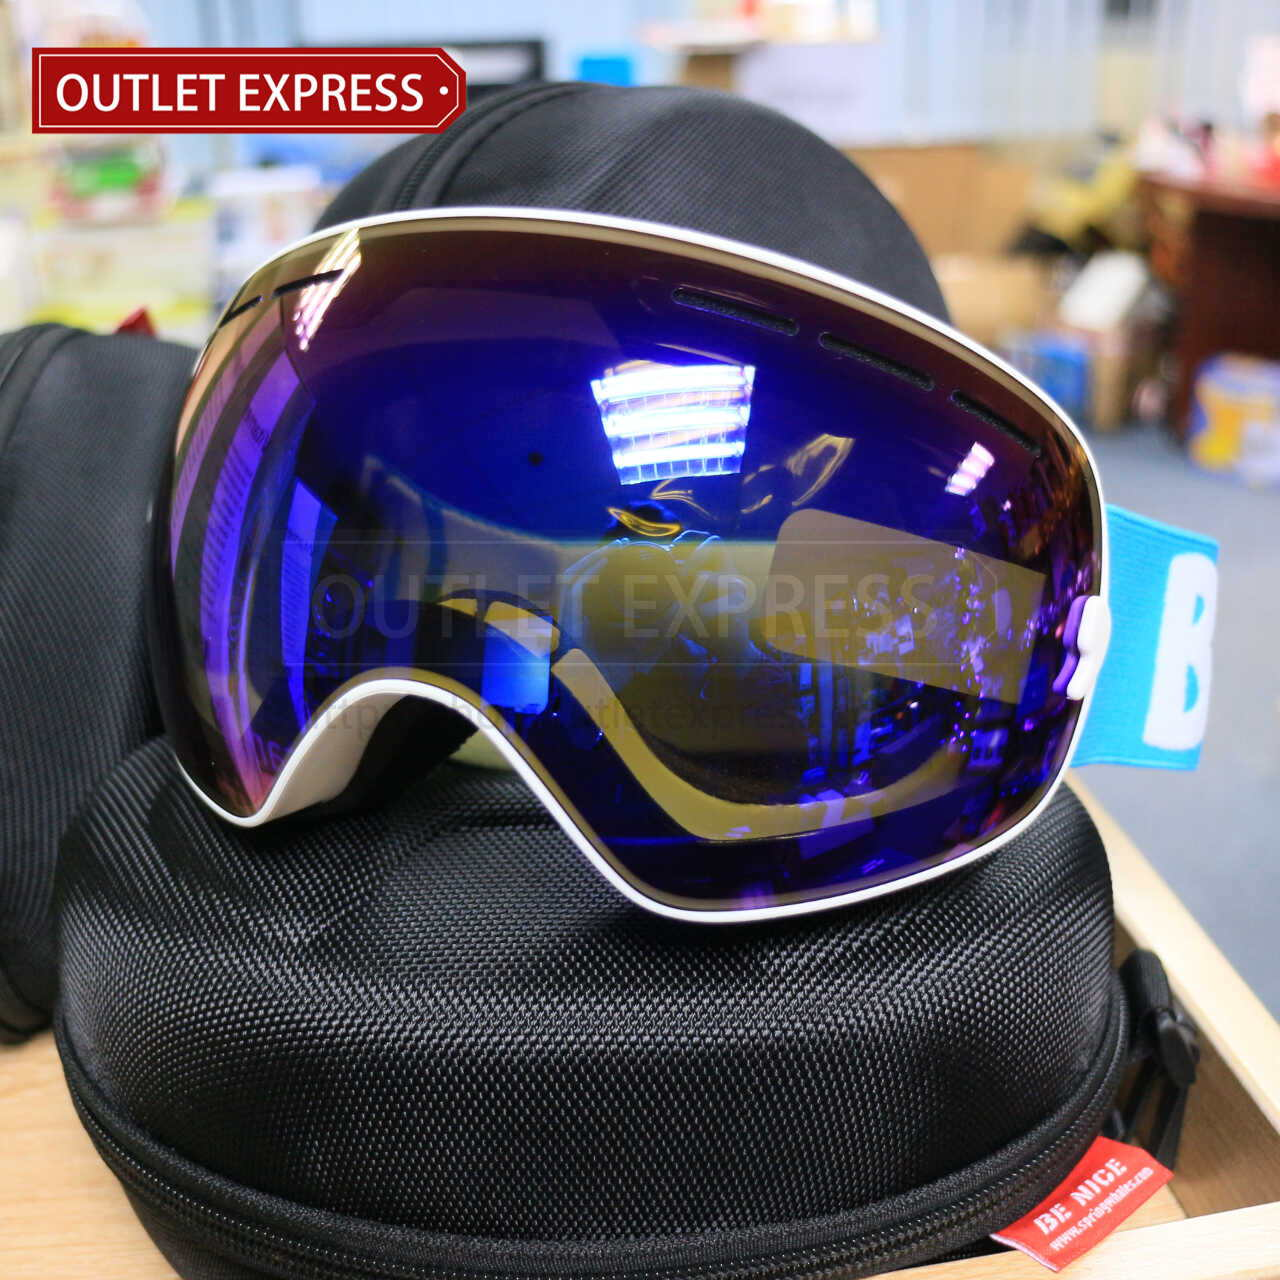 BENICE 大球面雙層防霧滑雪鏡 | 可配合眼鏡用 藍色-Outlet Express HK生活百貨城實拍相片